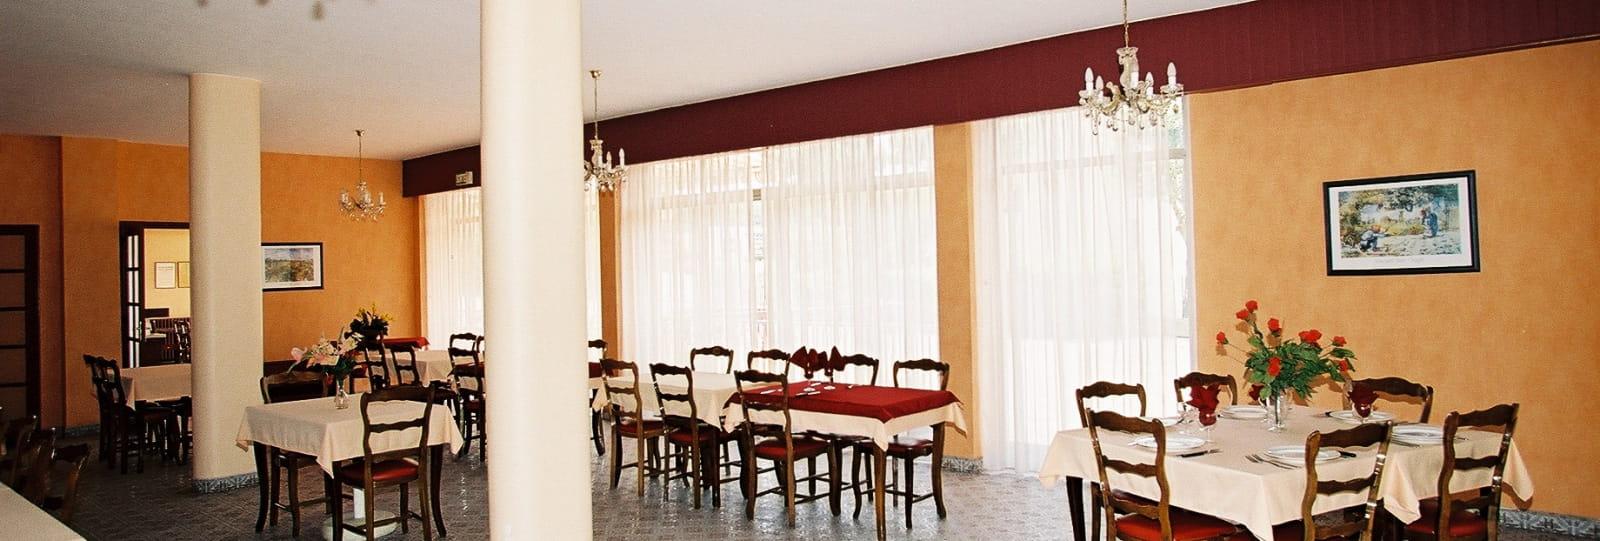 Restaurant California